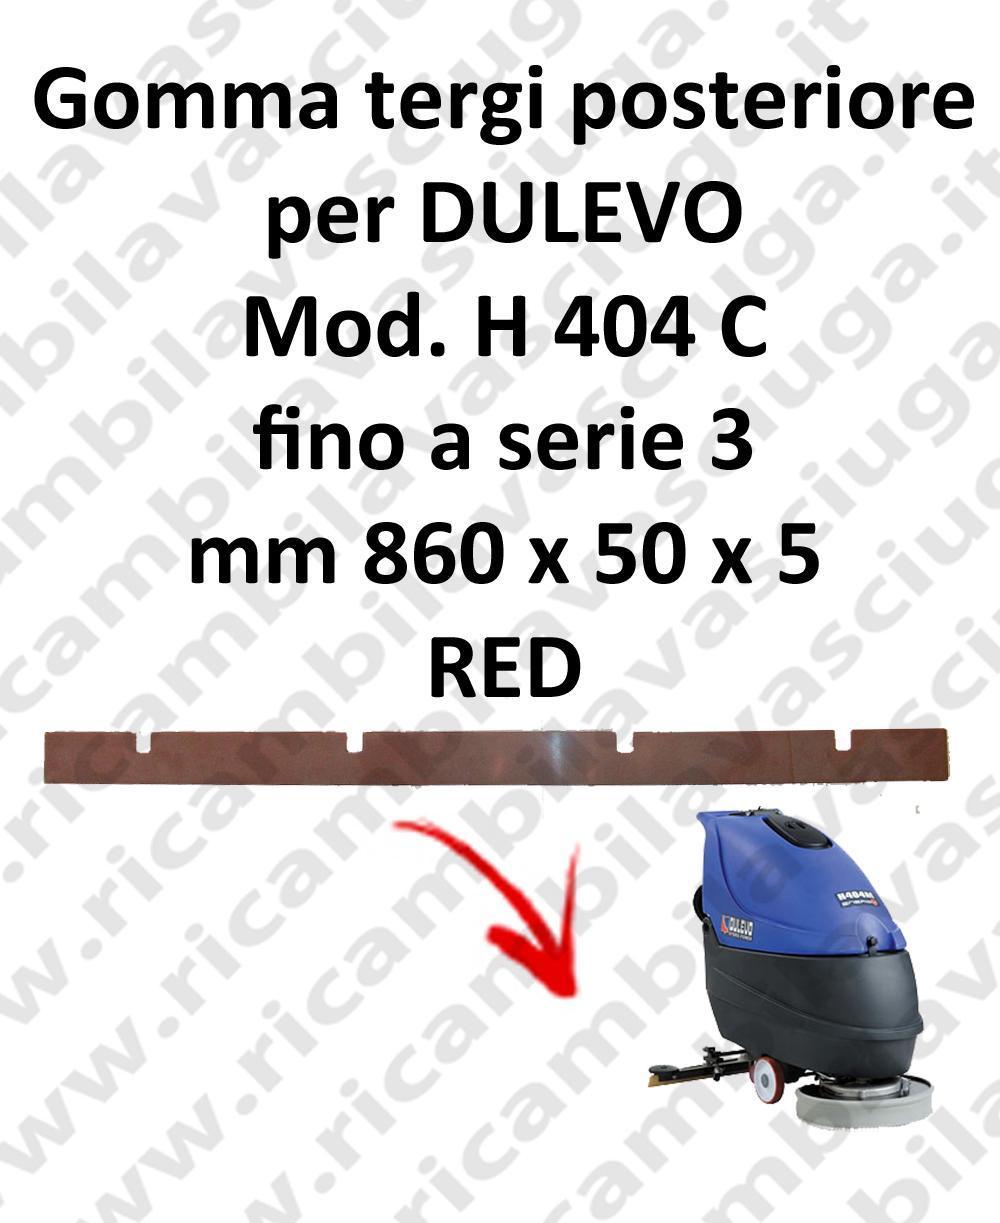 goma de secado trasero para fregadora DULEVO Model H 404 C fino a serie 3